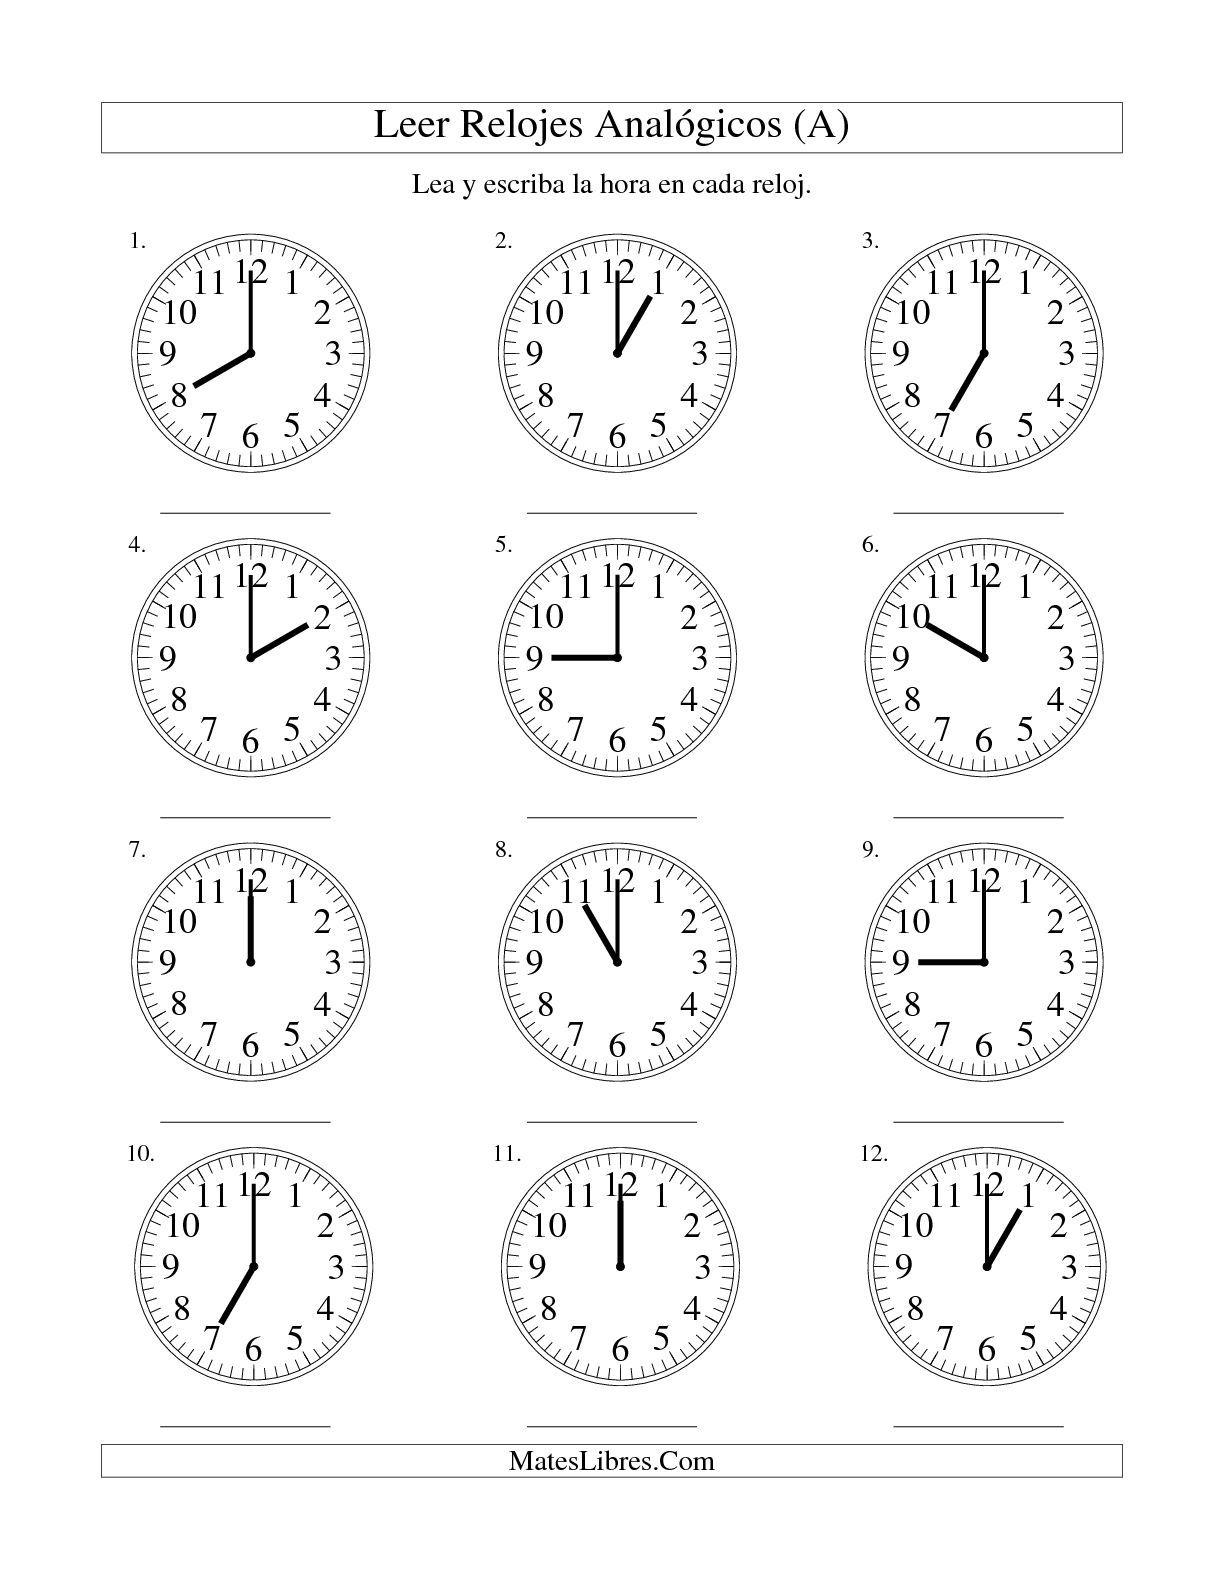 La Hoja De Ejercicios De Leer La Hora En Un Relojogico En Intervalos De Una Hora A De La